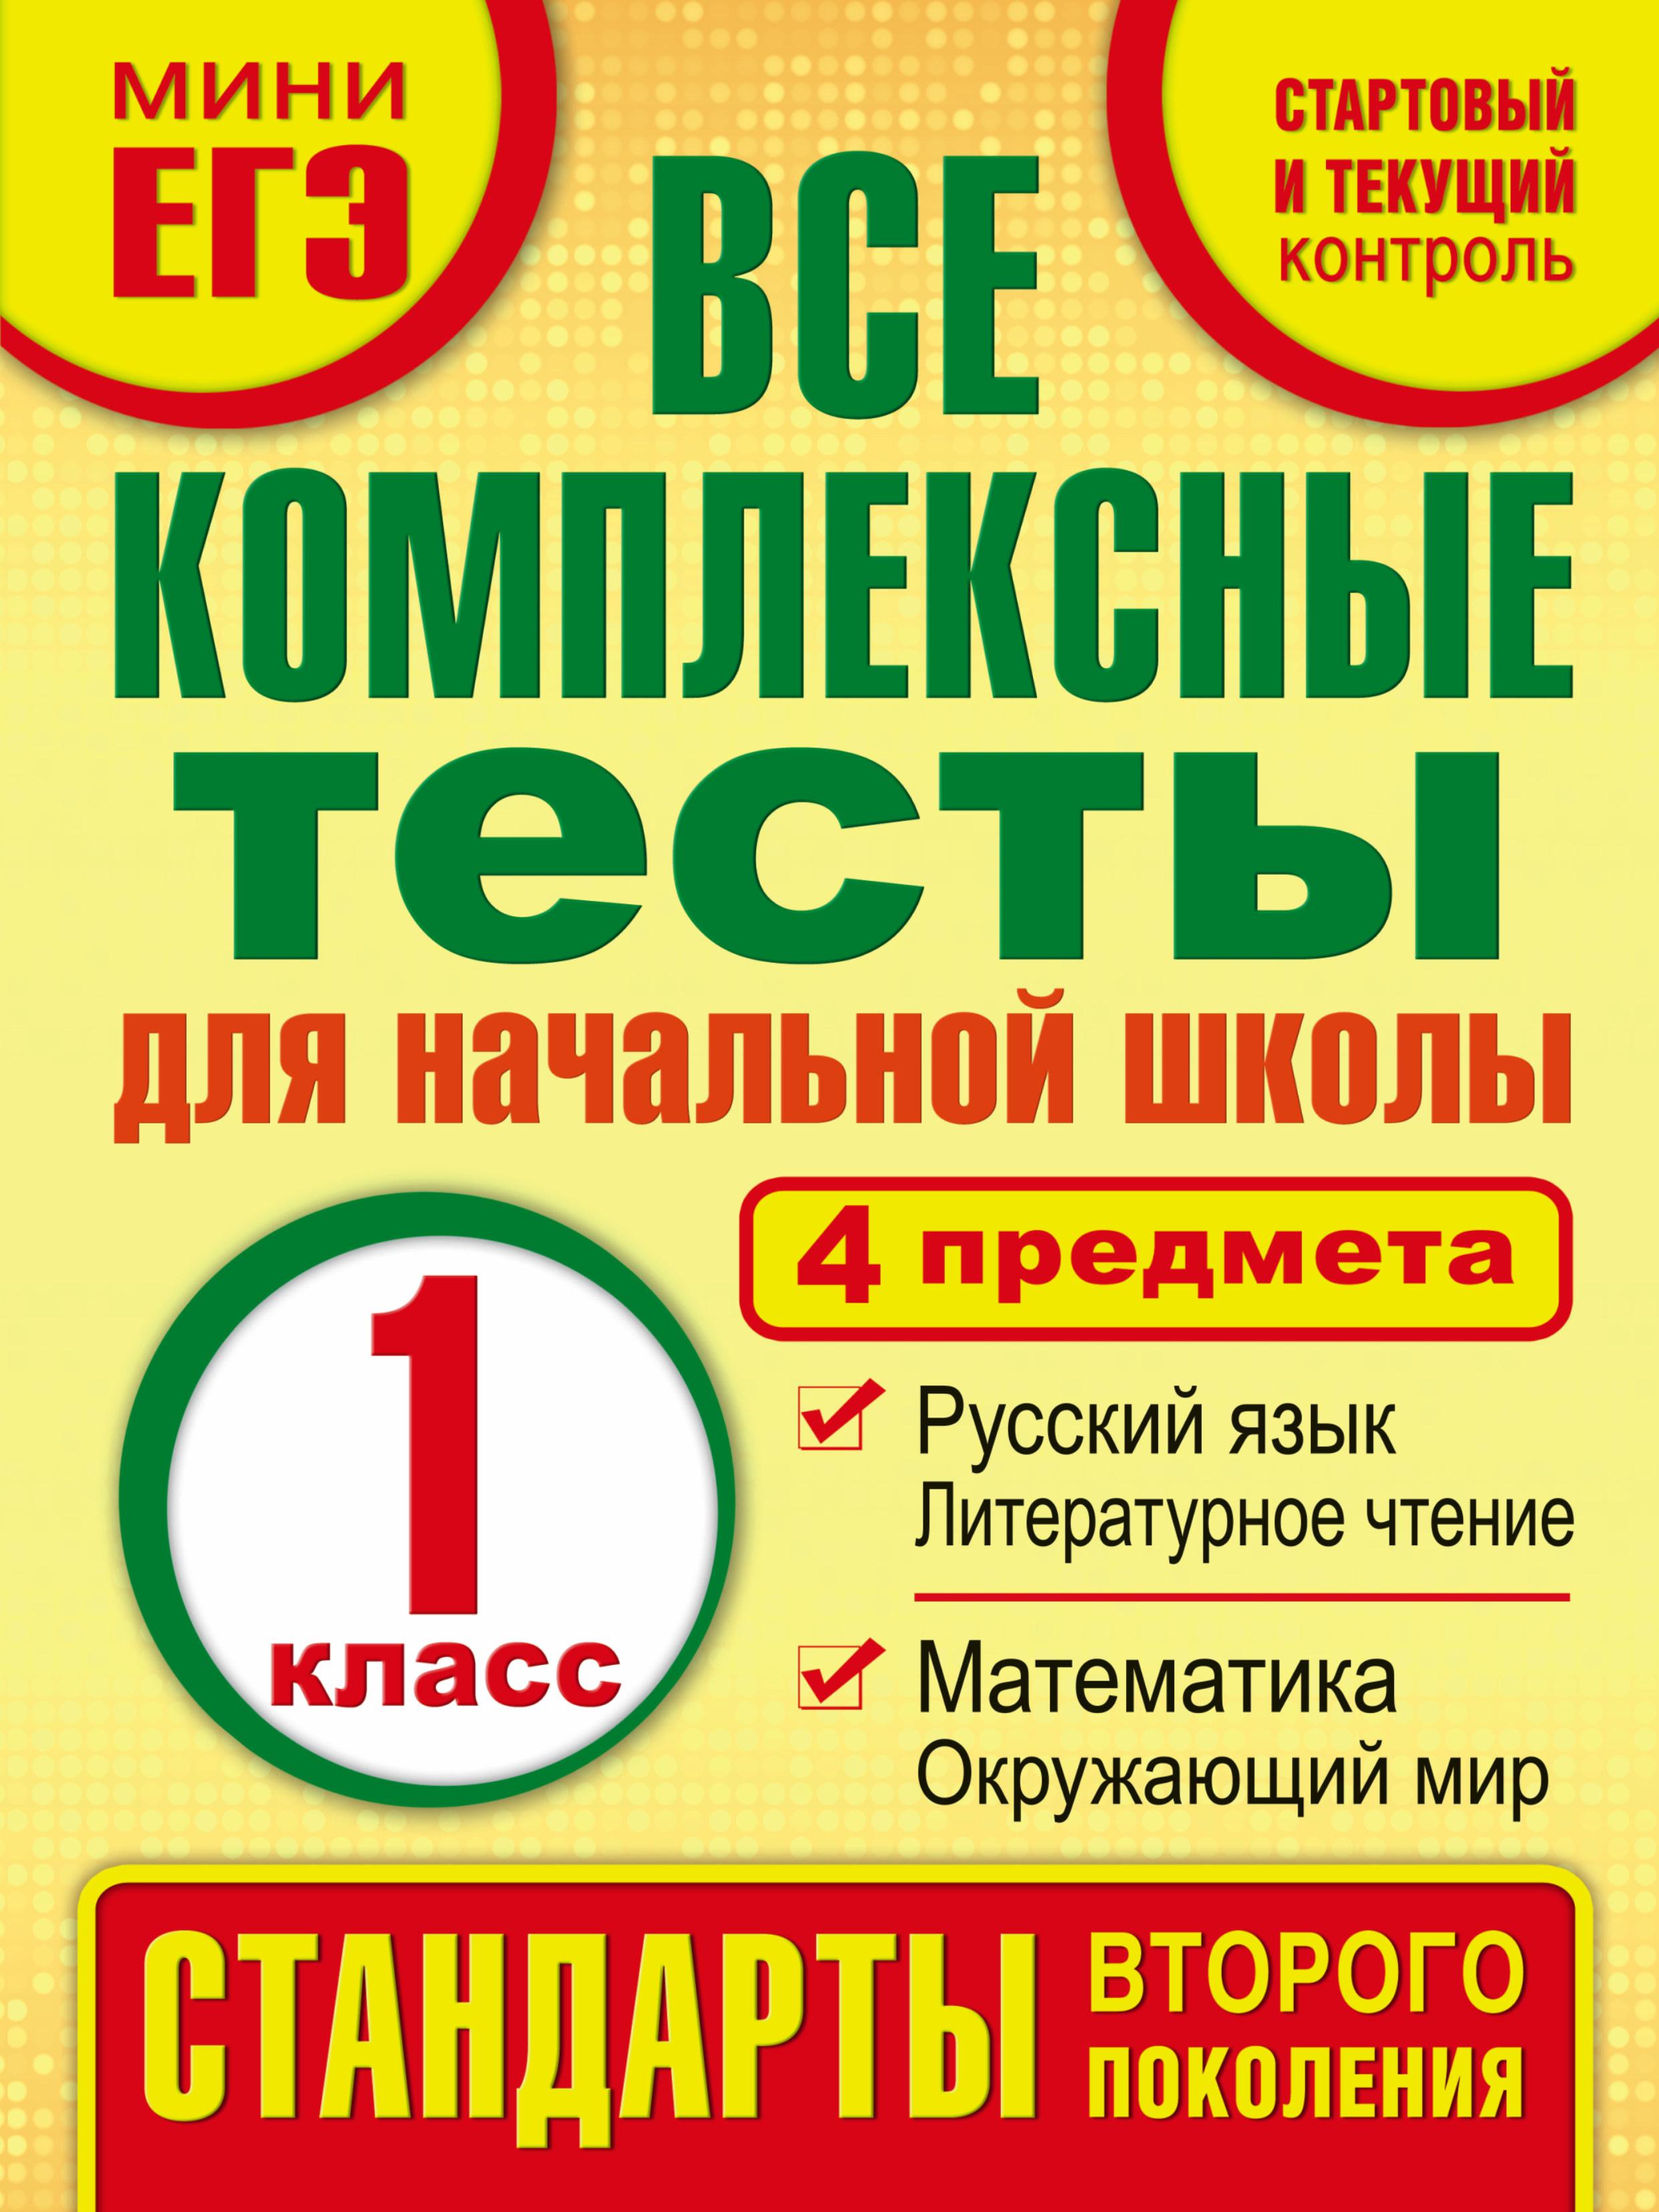 Все комплексные тесты для начальной школы. Математика, окружающий мир, Русский язык, литературное чтение.(Стартовый и текущий контроль) 1 класс